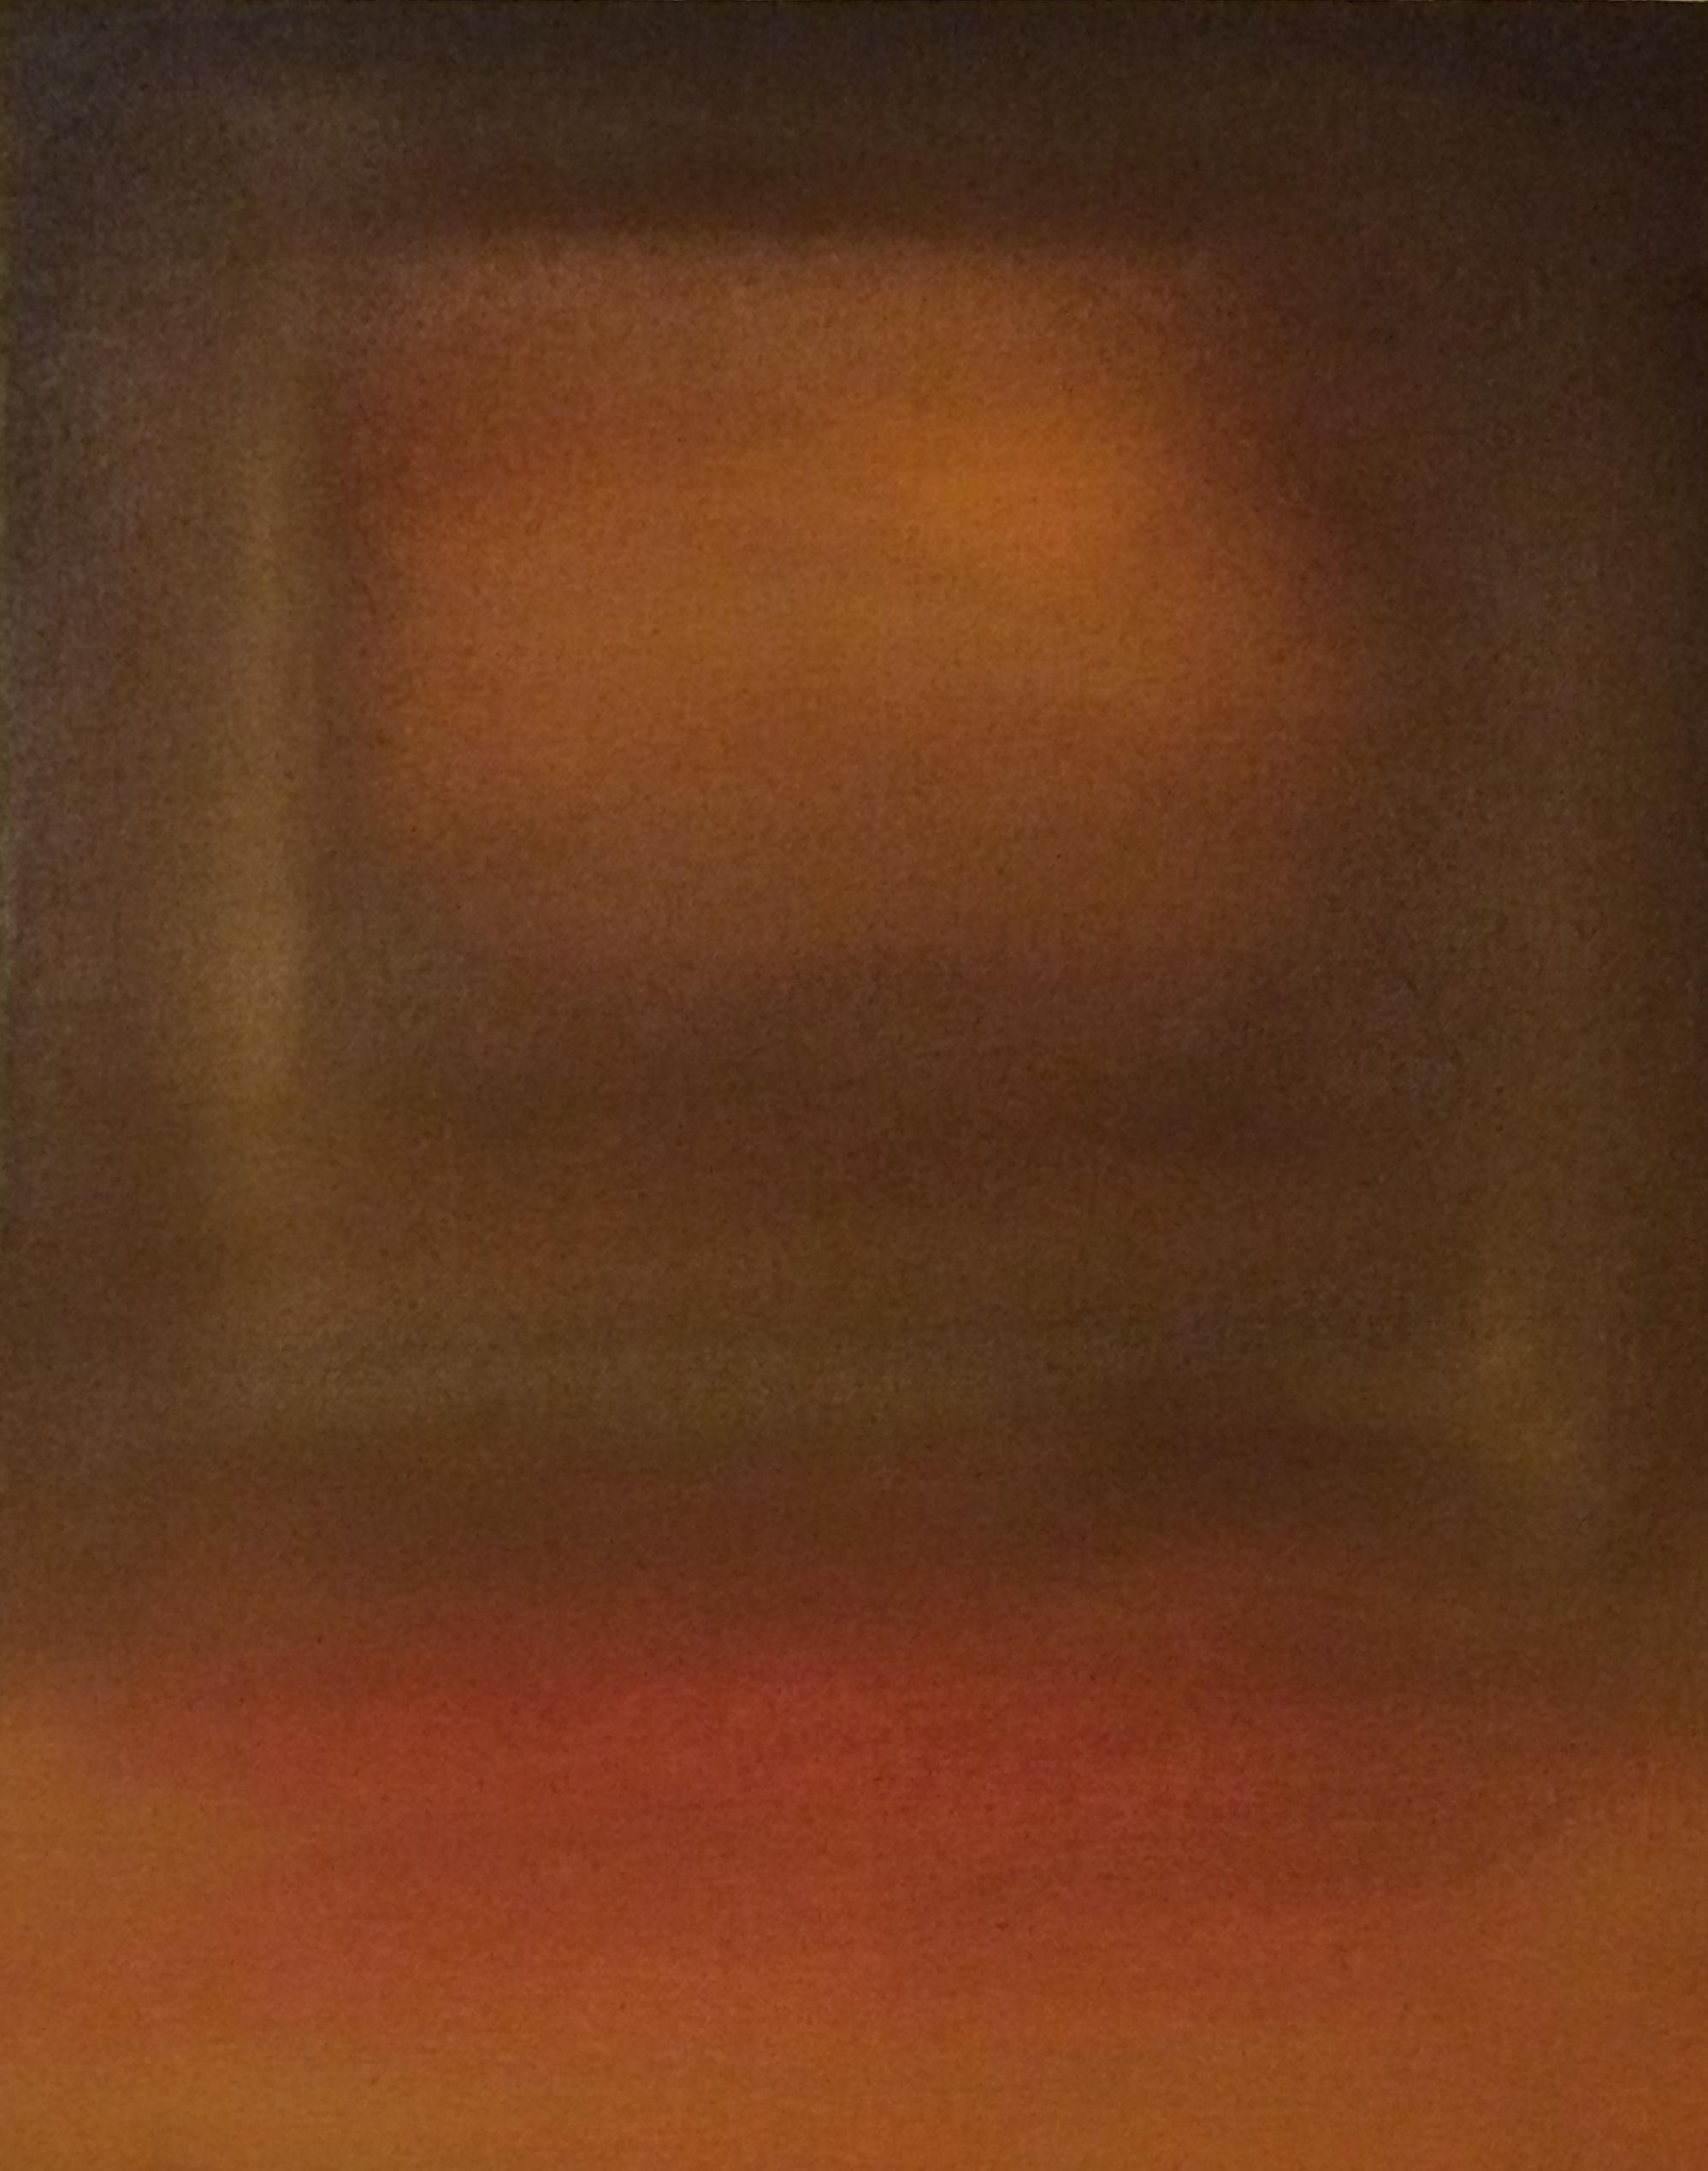 brown_tan_red.jpg